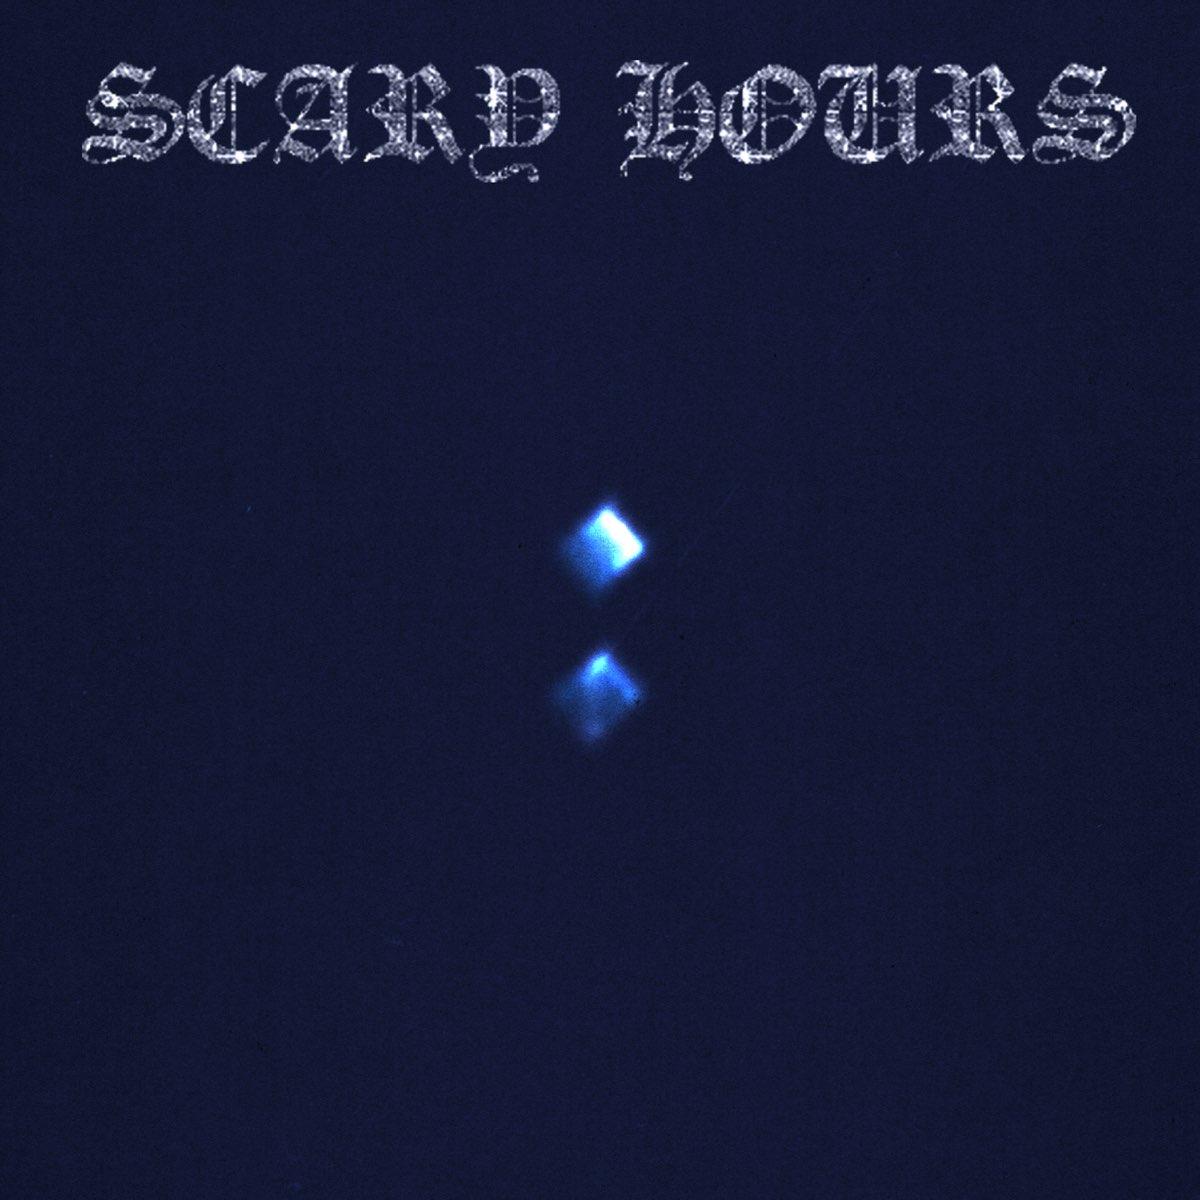 Capa do EP Scary Hours 2, do rapper Drake. A capa é toda azul escura. No topo, está escrito Scary Hours, num fonte super estilizada e com acabamento brilhante, semelhante a um diamante. No meio da capa, está dois quadrados azuis claro.